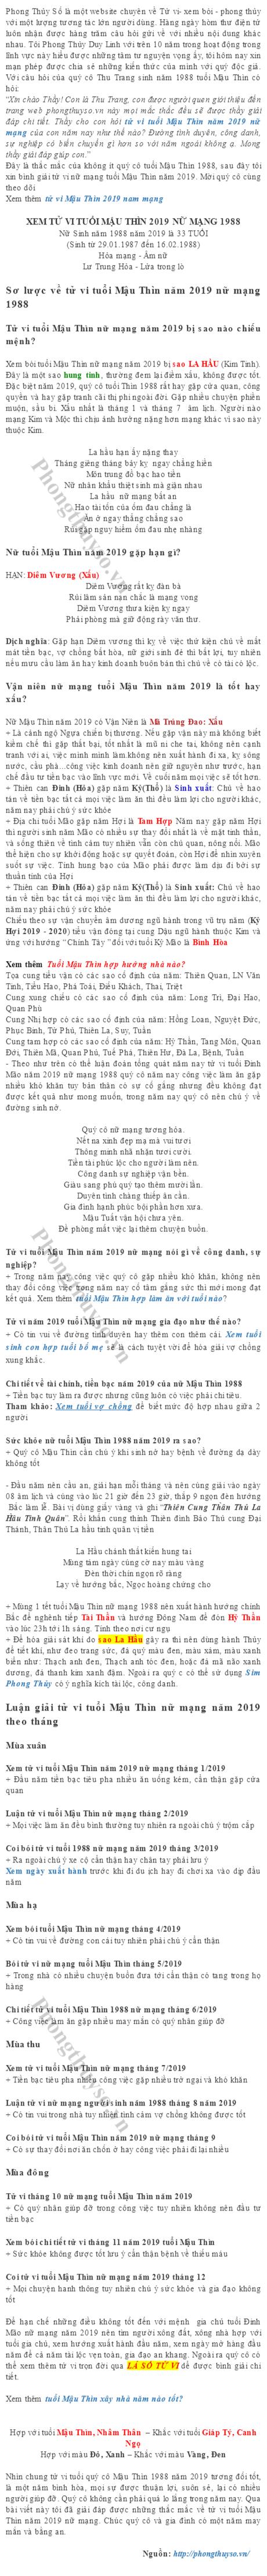 tu-vi-tuoi-mau-thin-nam-2019-nu-mang